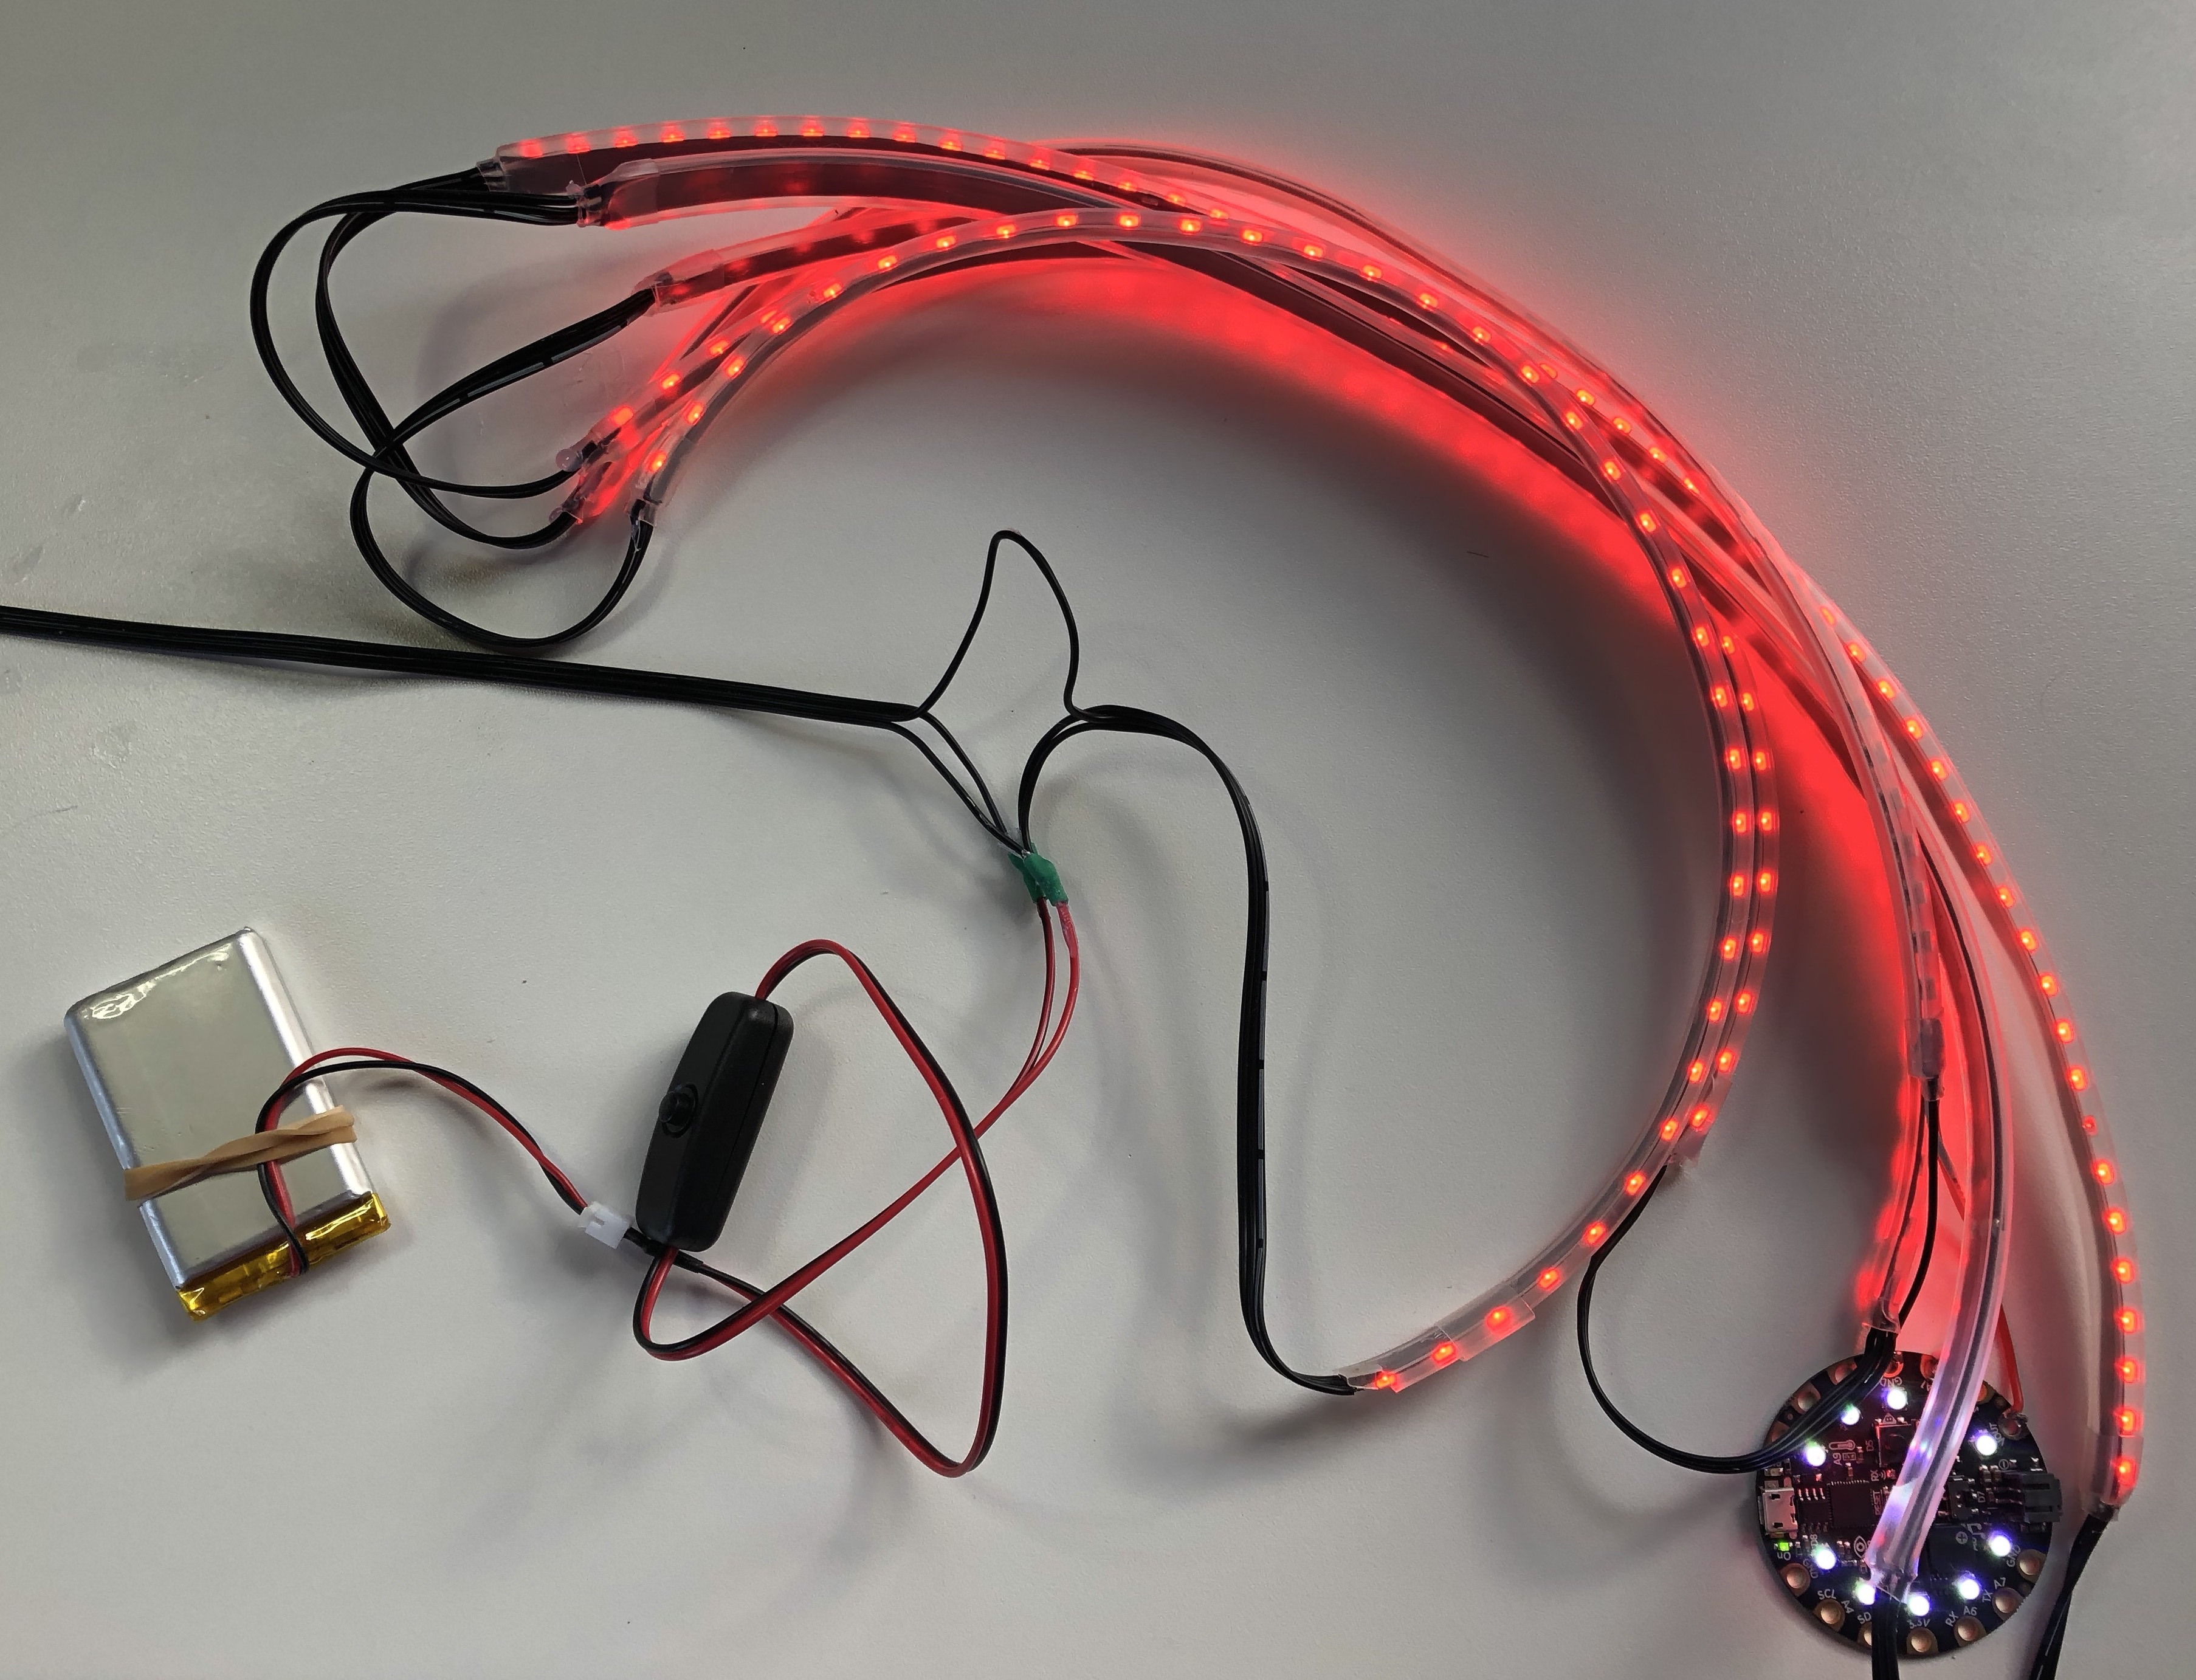 led_strips_15_soldered.jpg